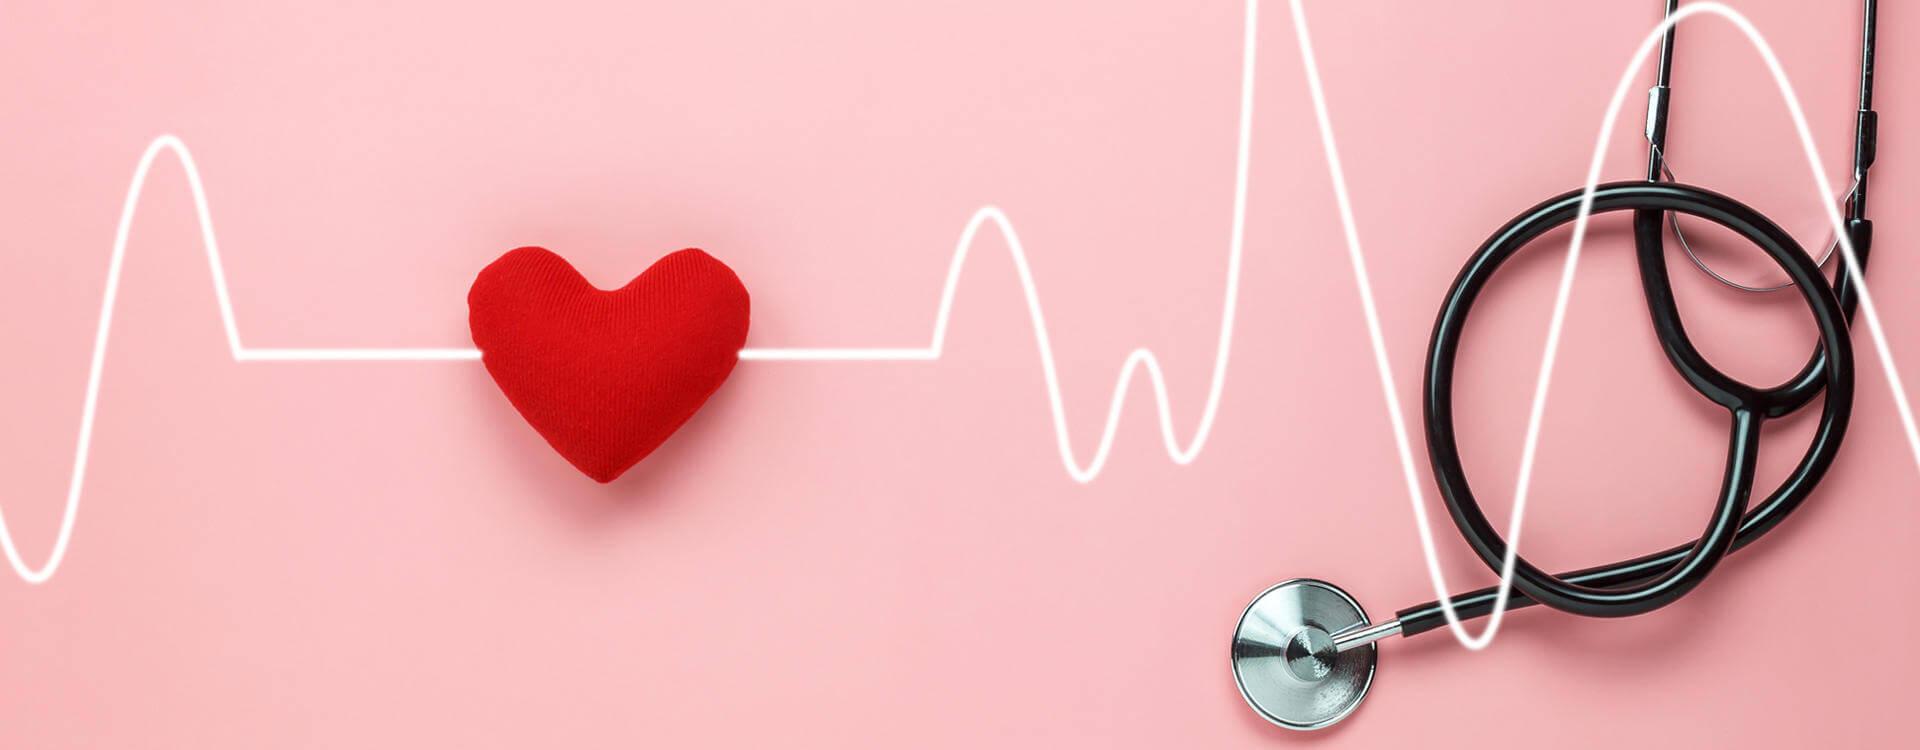 signos vitales y corazón saludable